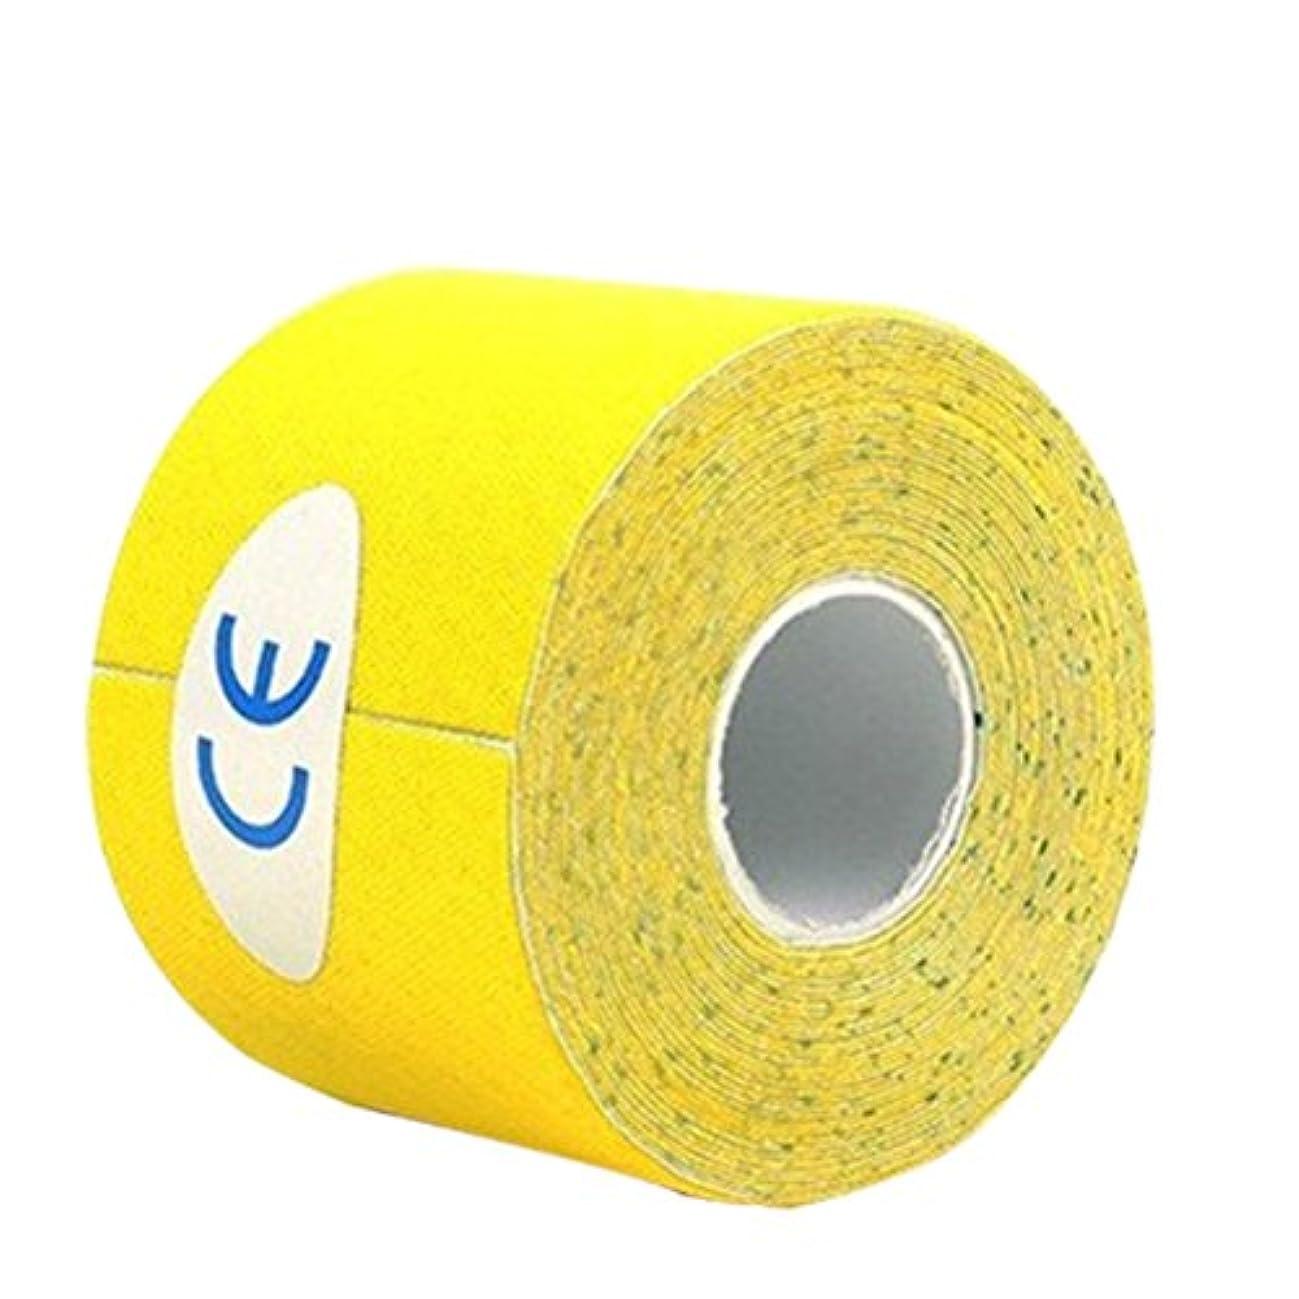 バルコニー足ガイドROSENICE キネシオロジーテープセットセラピースポーツフィジオセラピー500x2.5cm(イエロー)